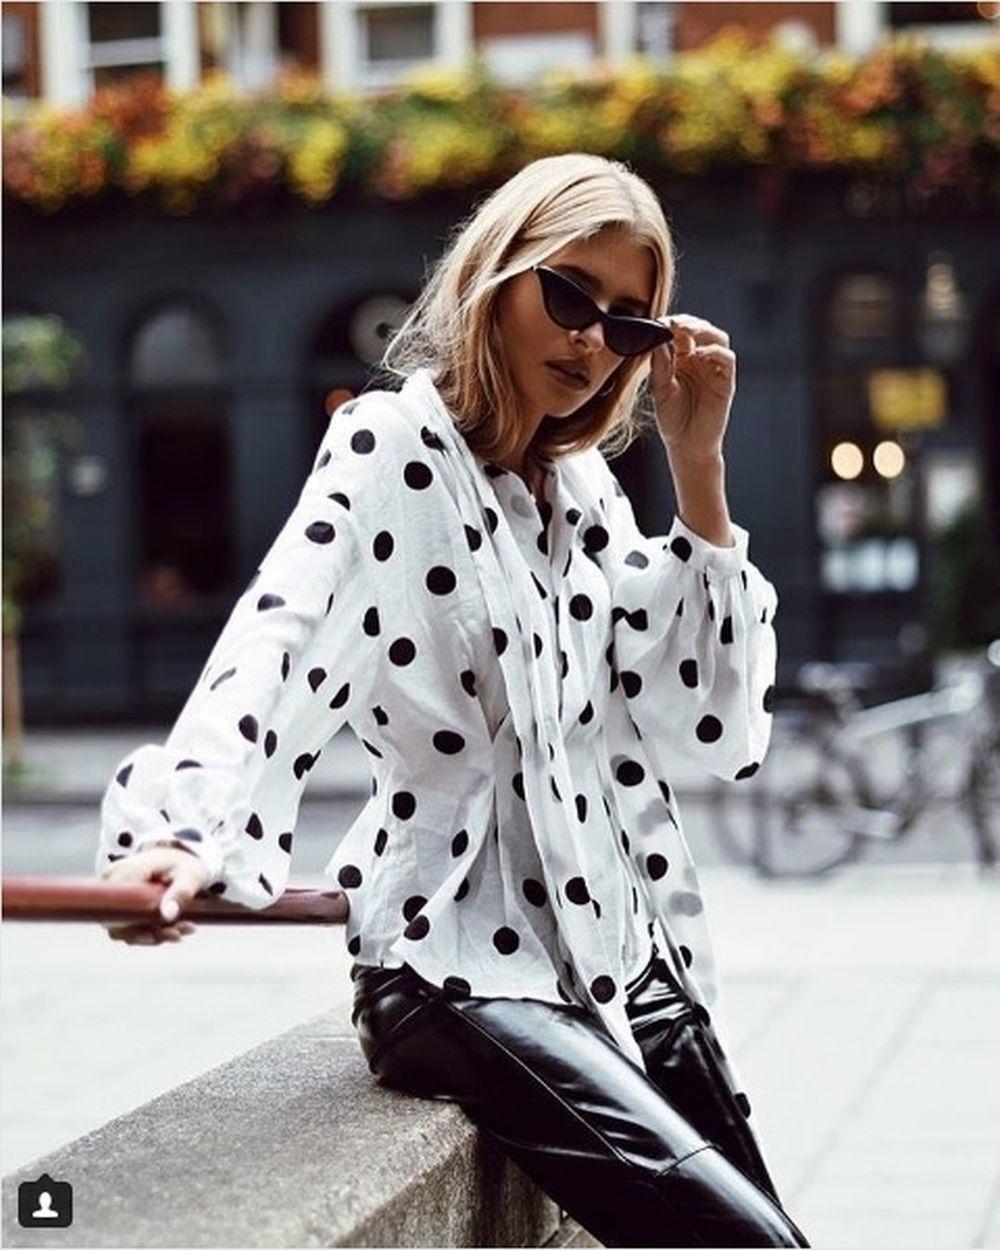 La influencer vistiendo camisa de H&M